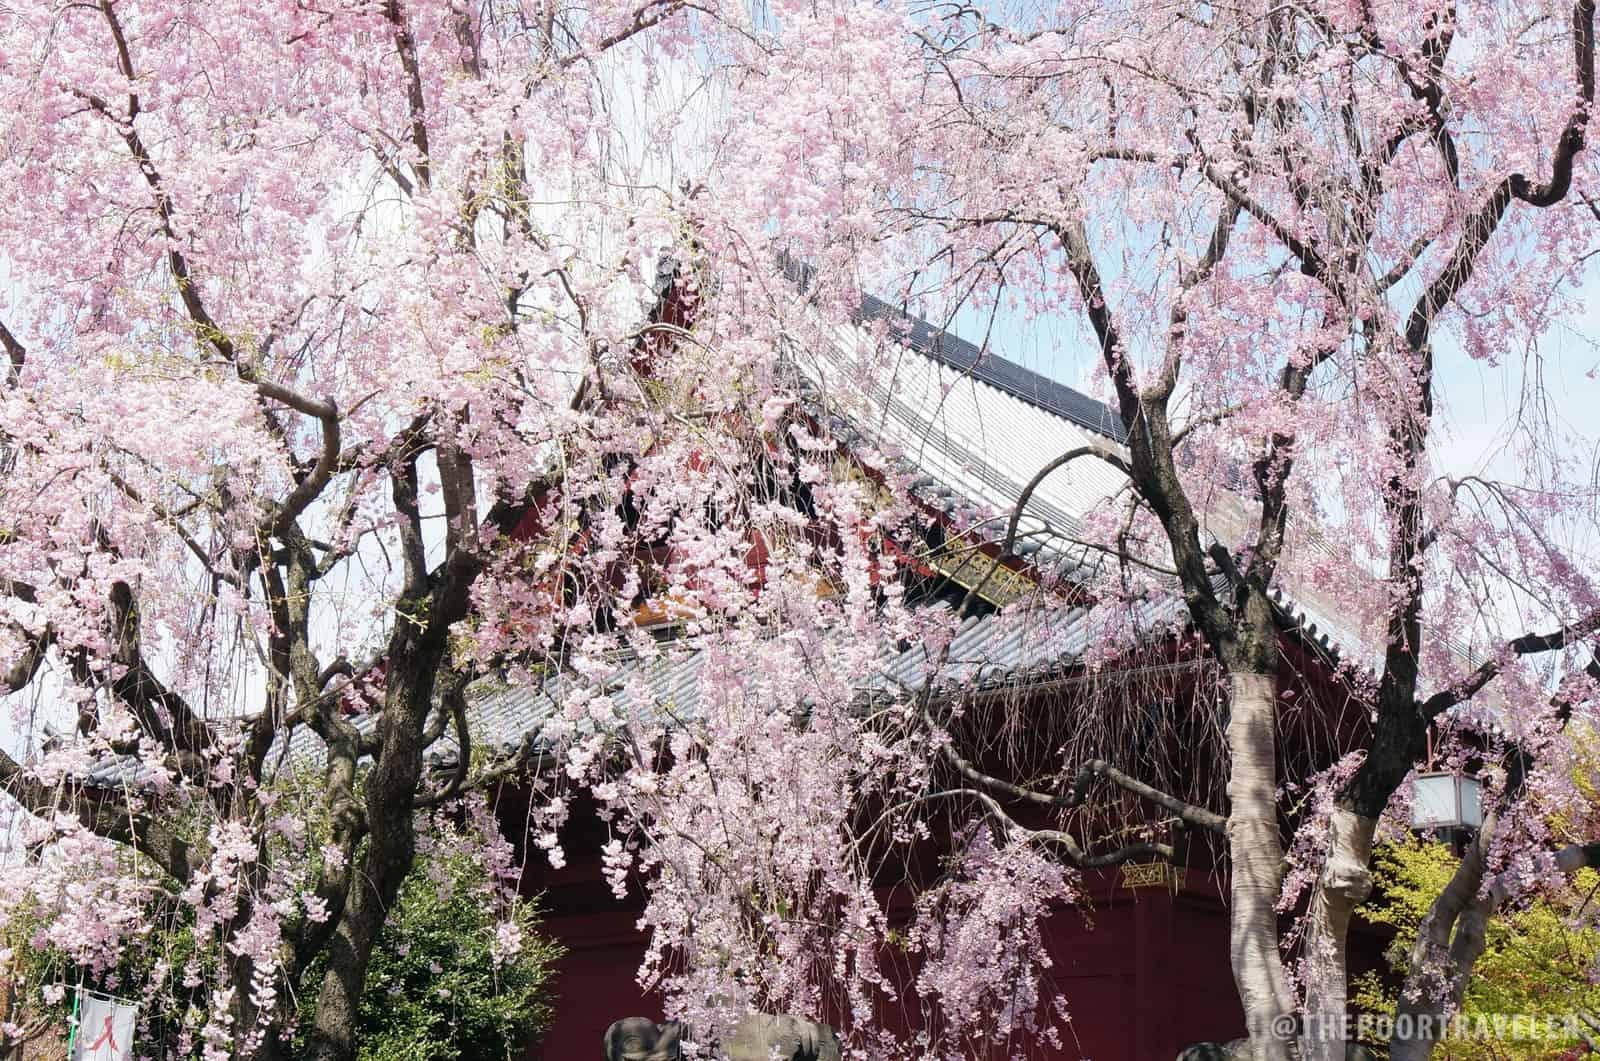 At Ueno Park, Tokyo